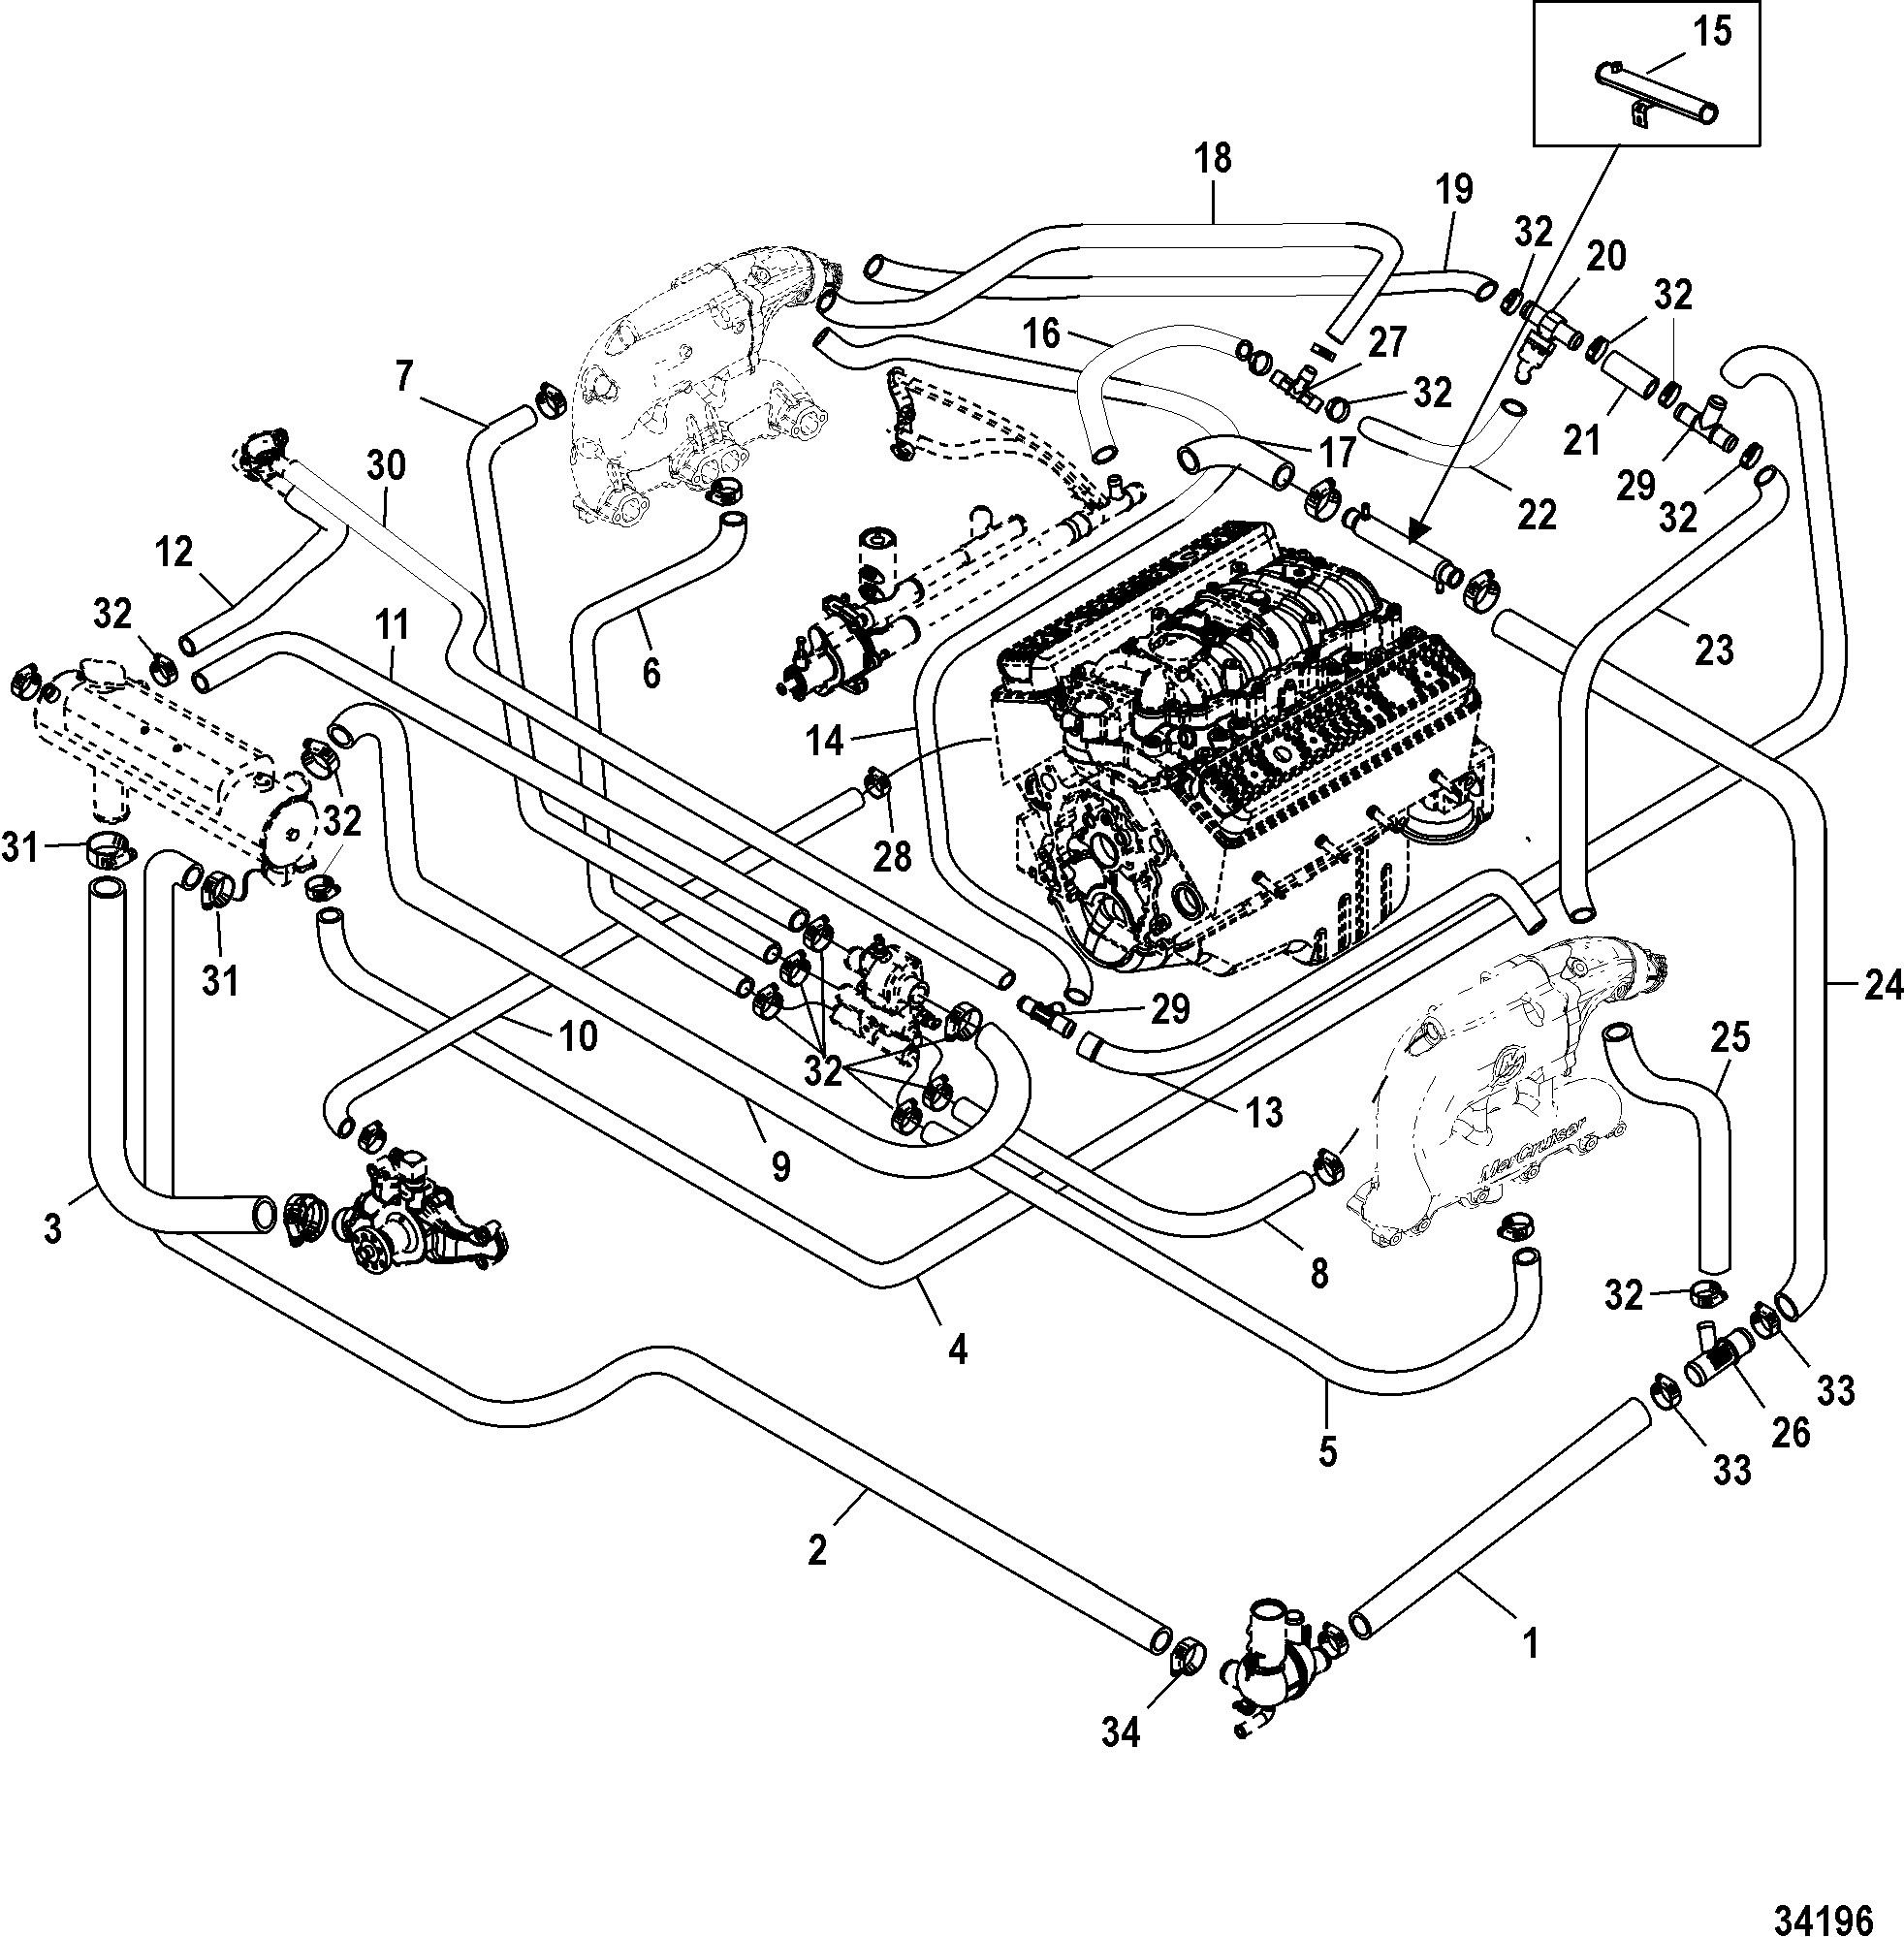 3 0 L Mercruiser Engine Diagram КатаРог запчастей Mercruiser остаРьные 350 Mag Mpi Horizon Alpha Of 3 0 L Mercruiser Engine Diagram